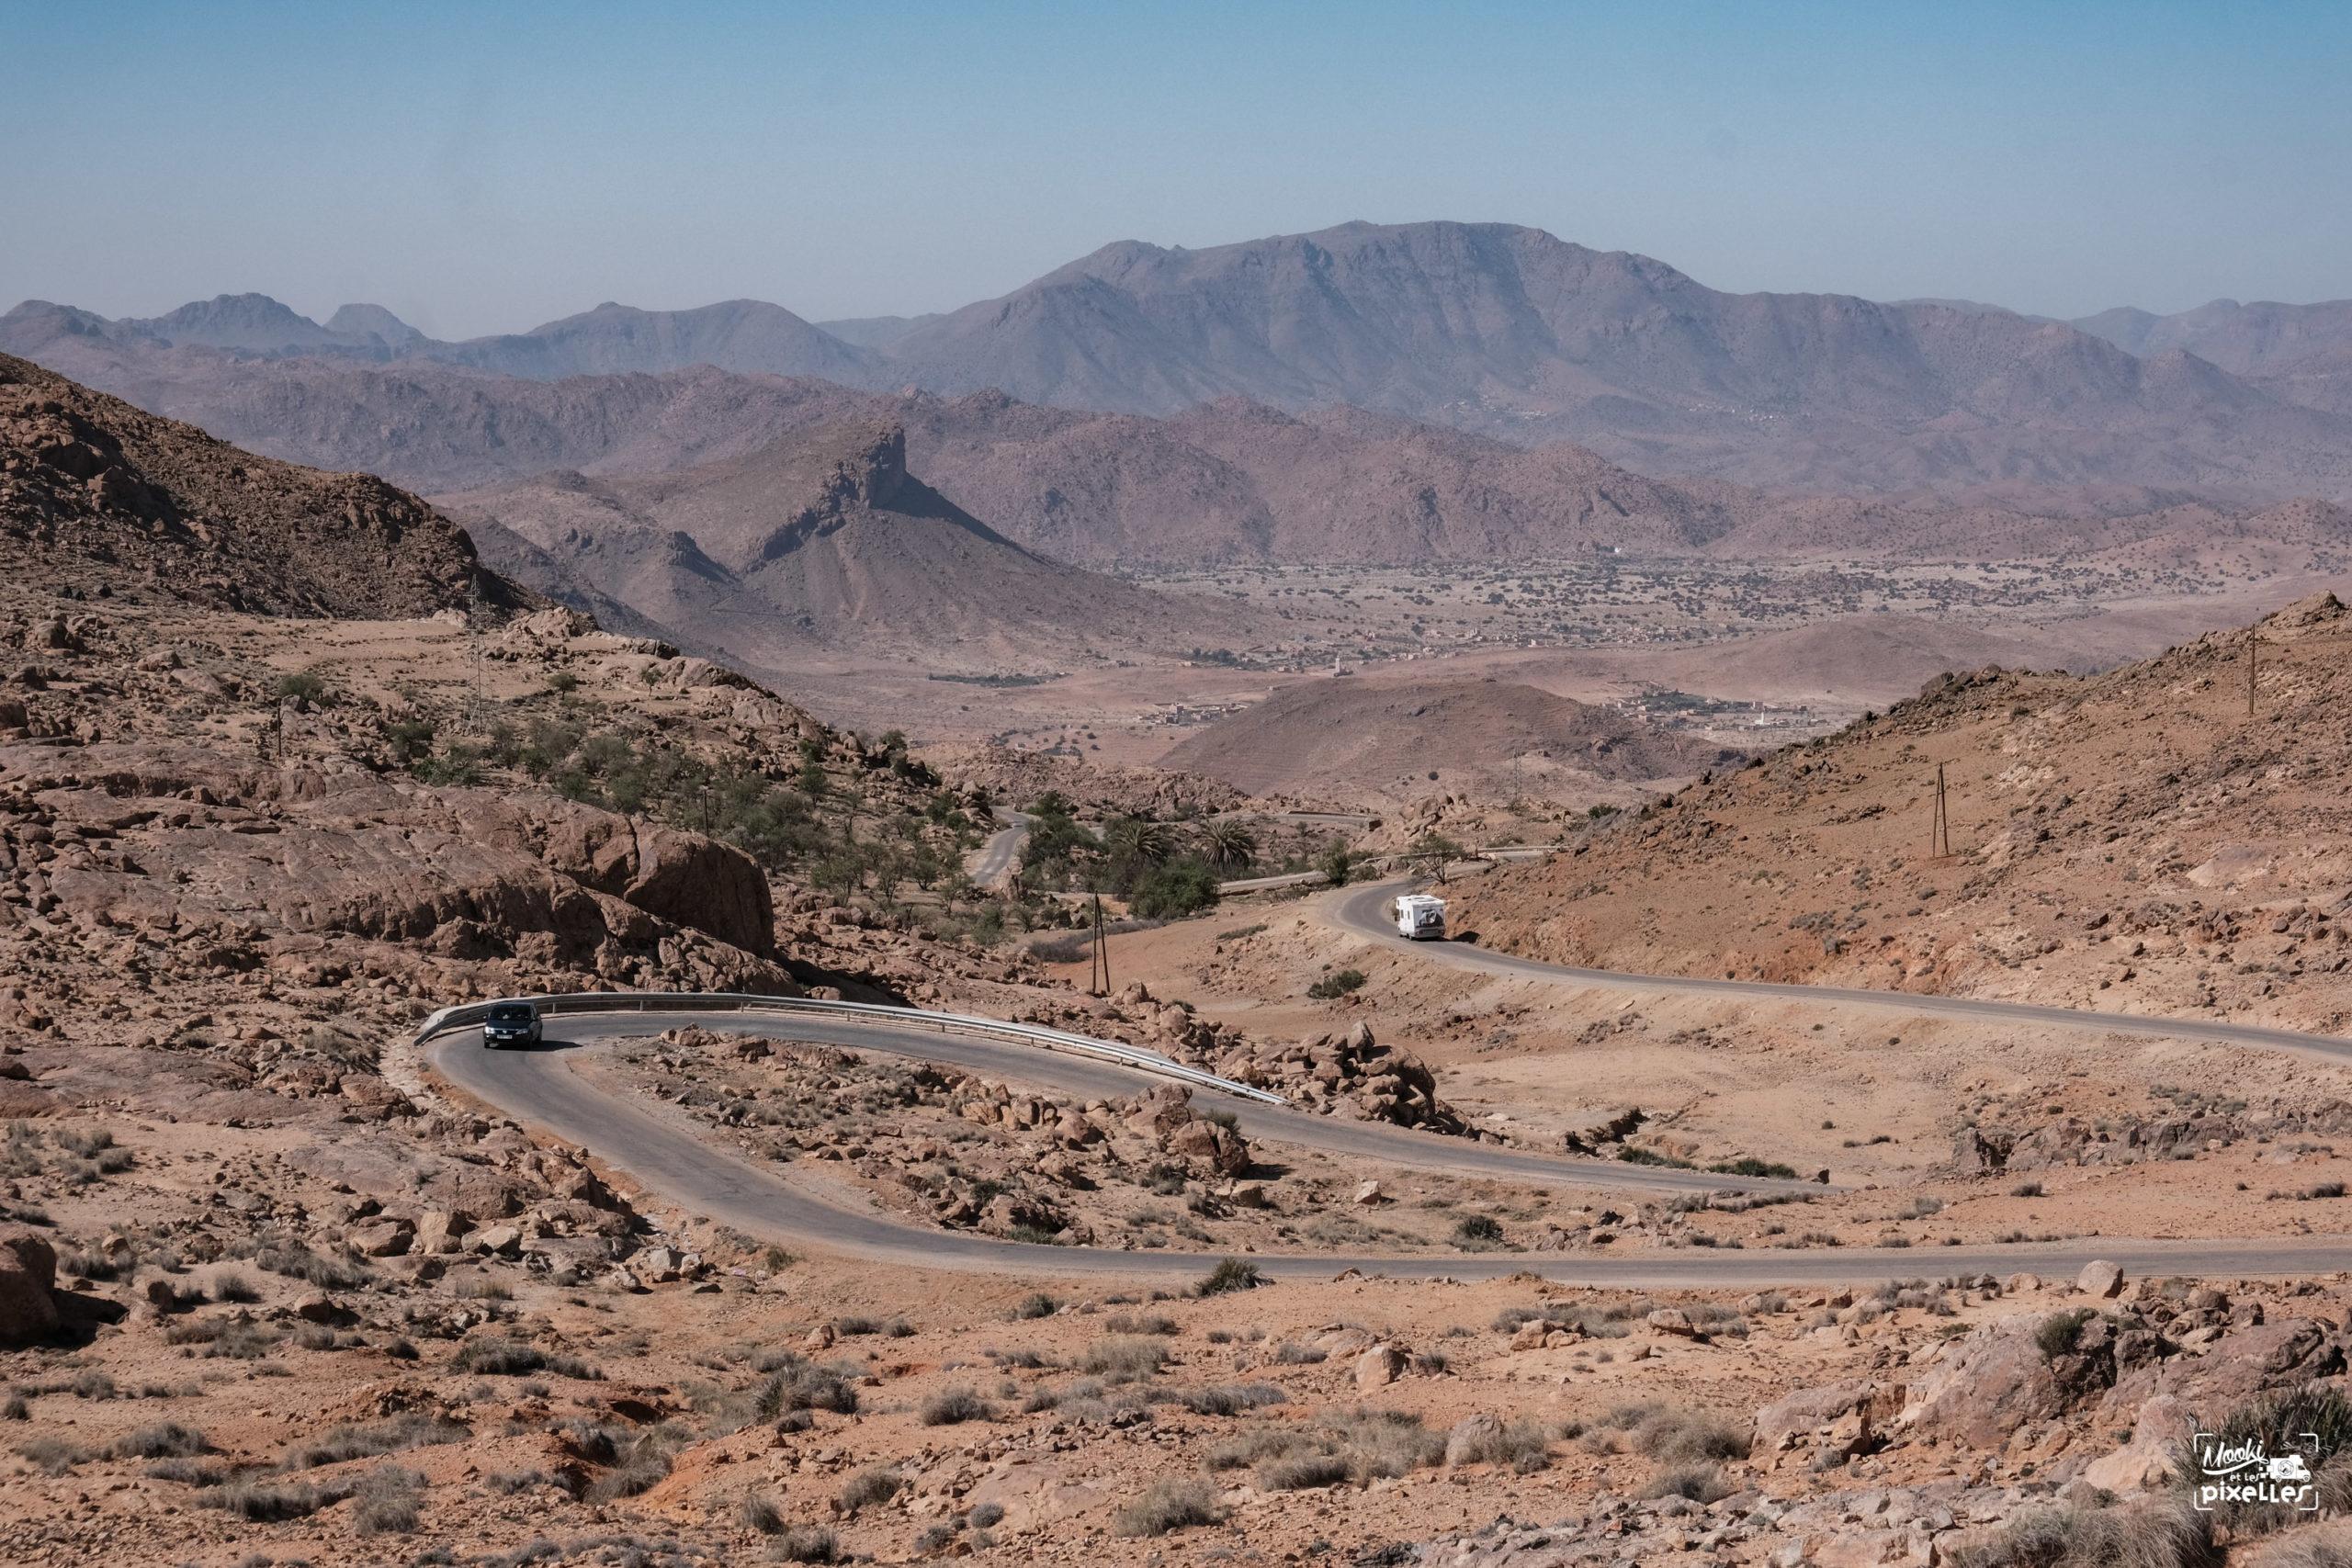 Route au dessus de Tafraoute au Maroc